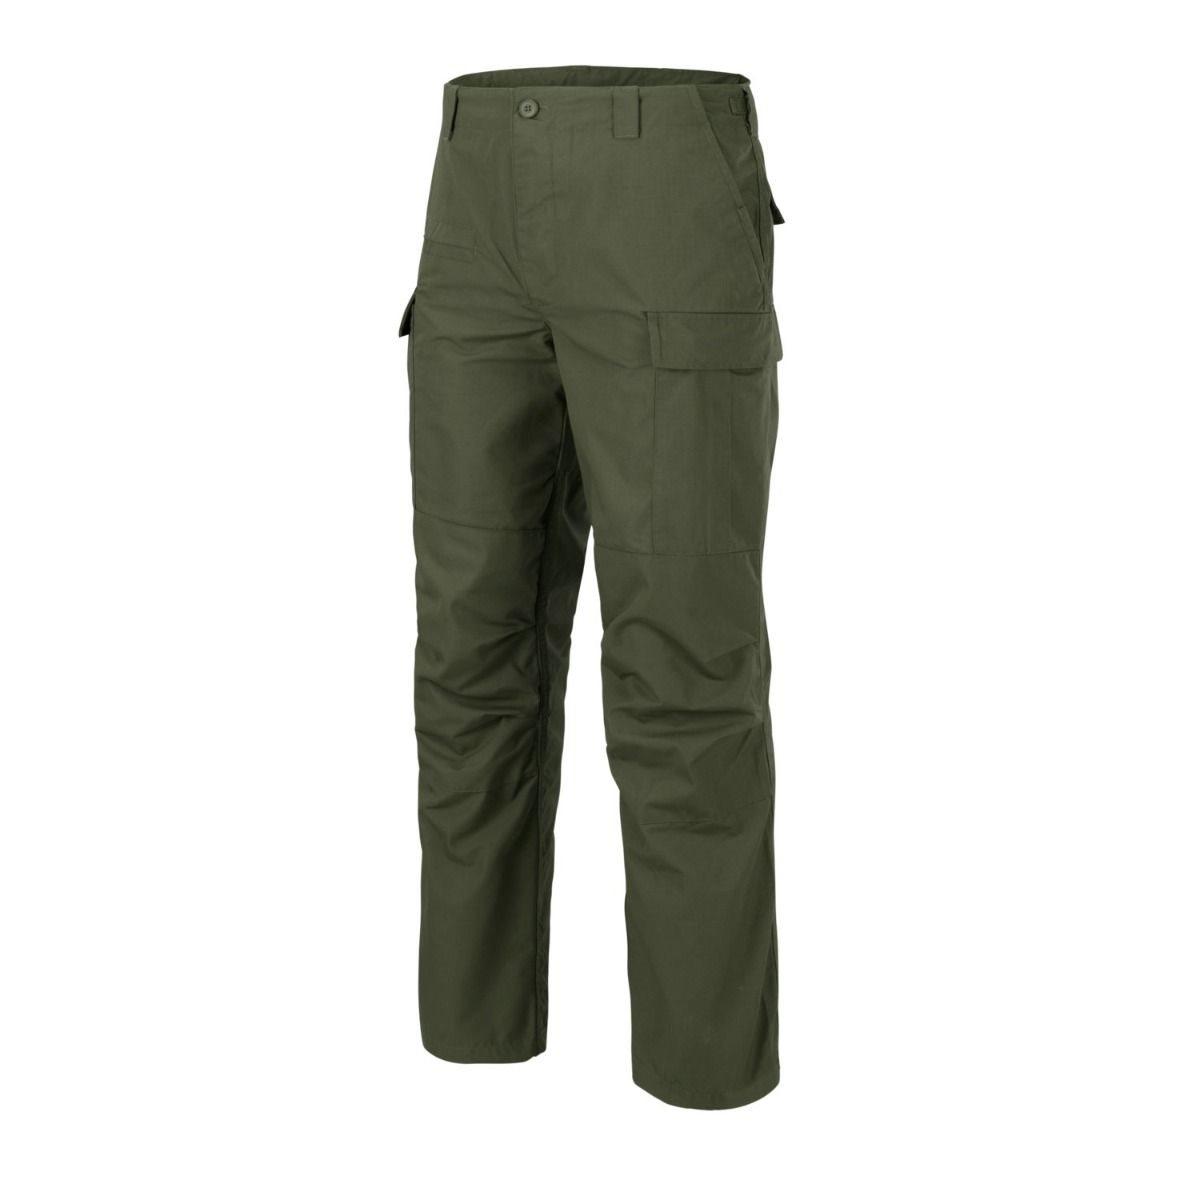 Kalhoty BDU MK2 ZELENÉ